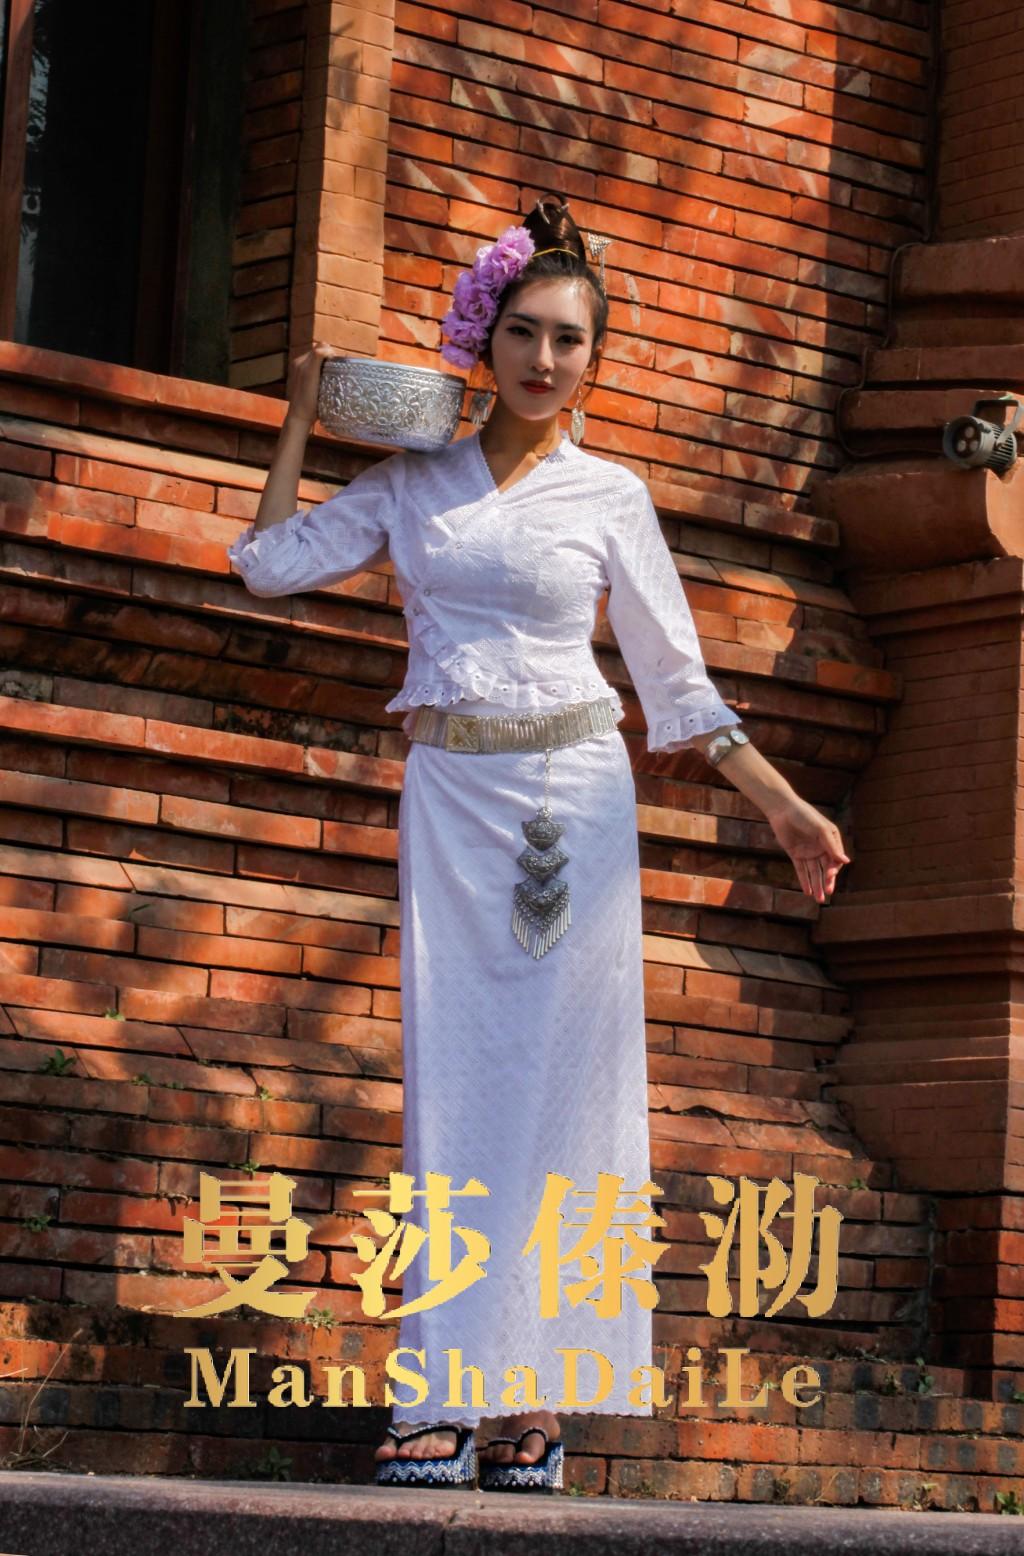 曼莎傣泐服饰夏季新品西双版纳傣族女装舞蹈日常服民族服饰母亲节